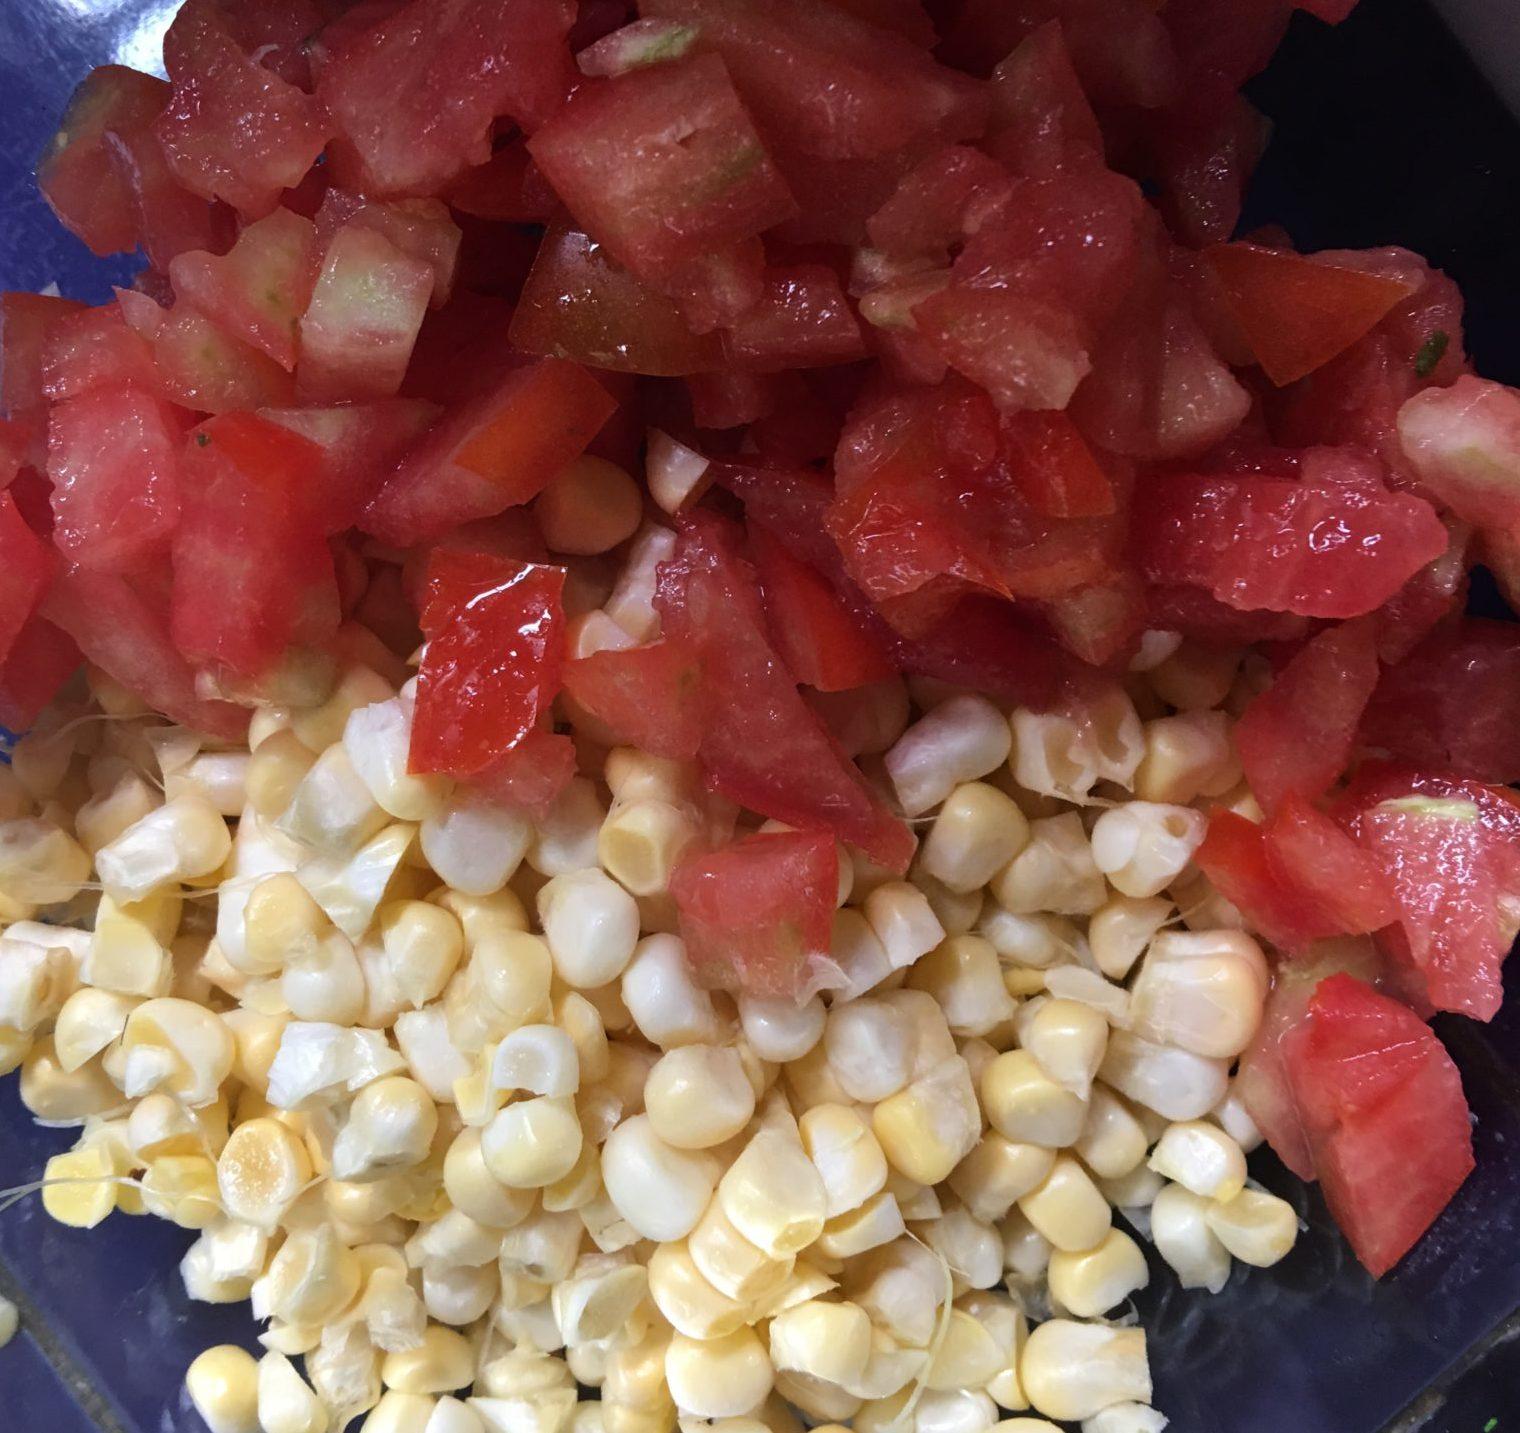 Tomato and corn